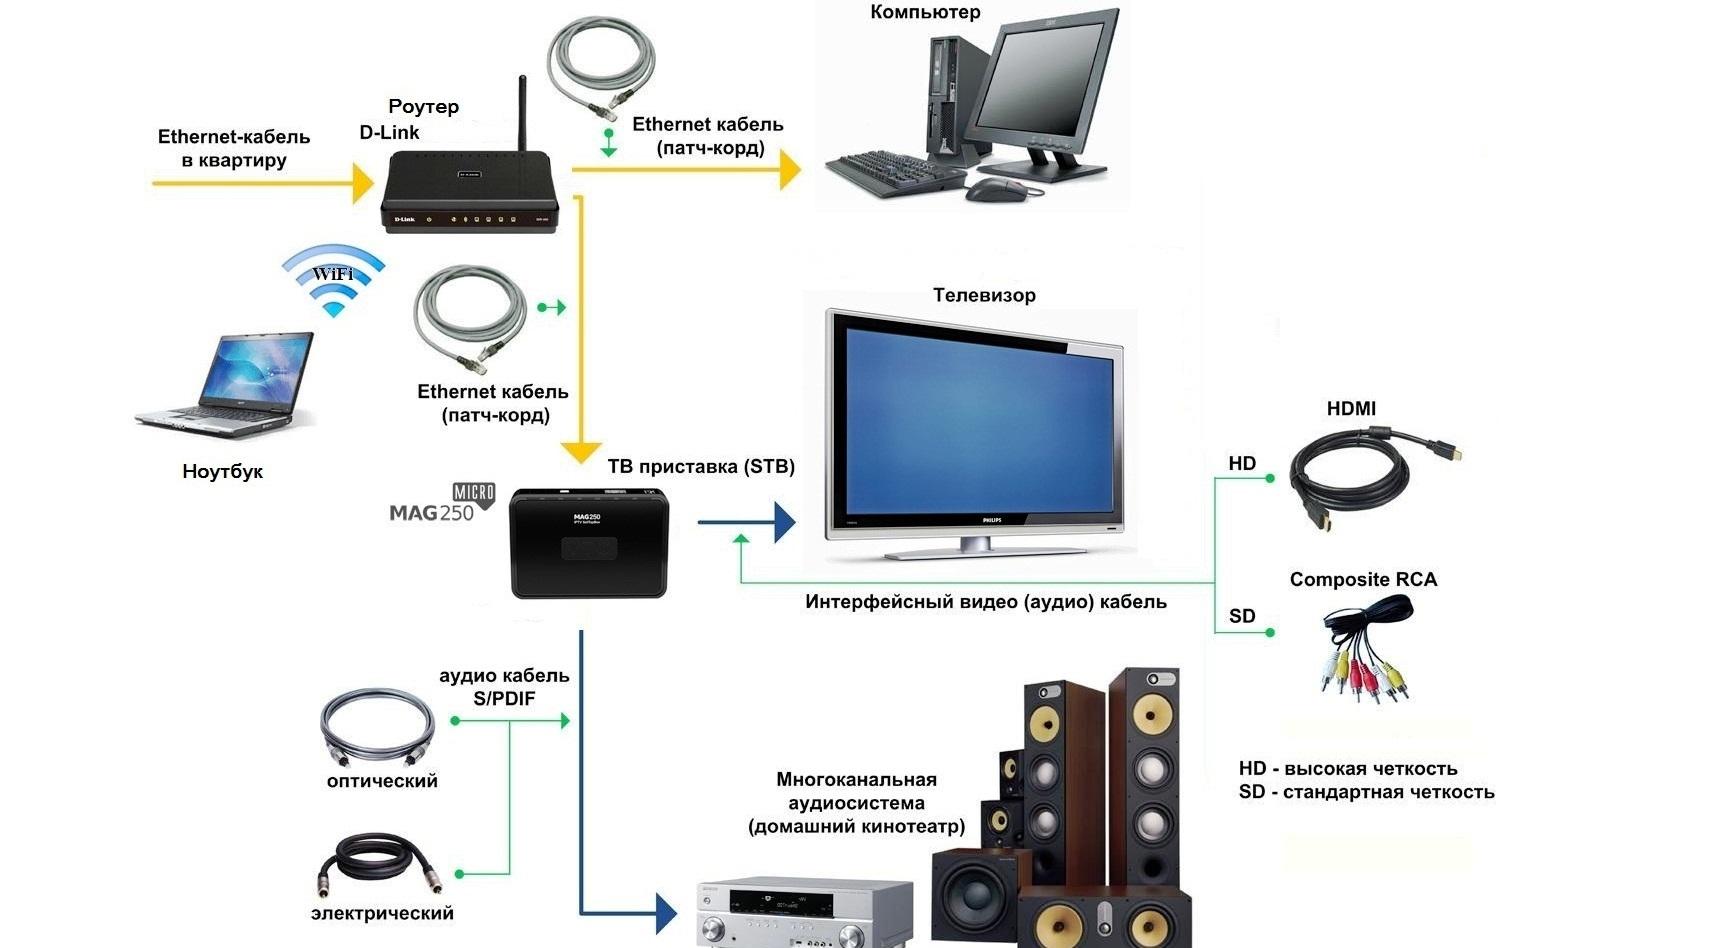 Схема подключения компьютера с телевизором